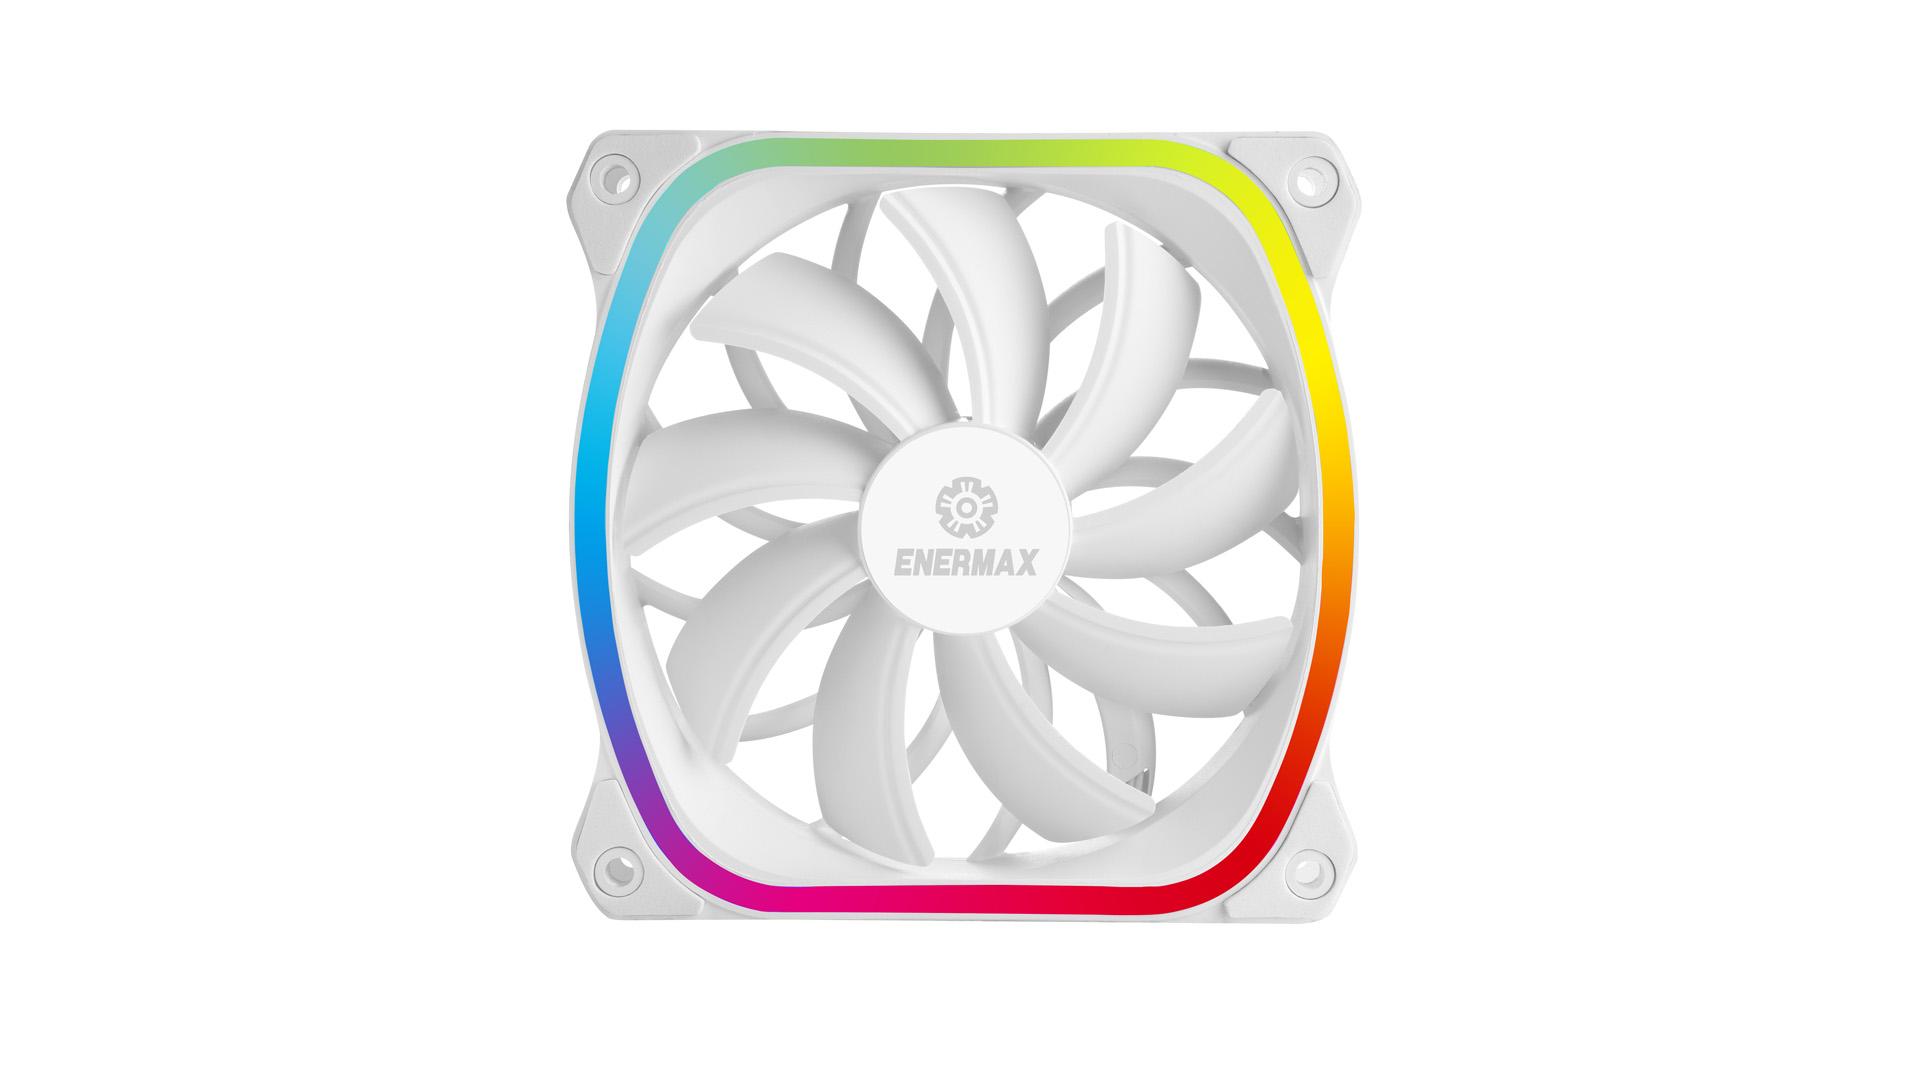 SquA RGB - Enermax